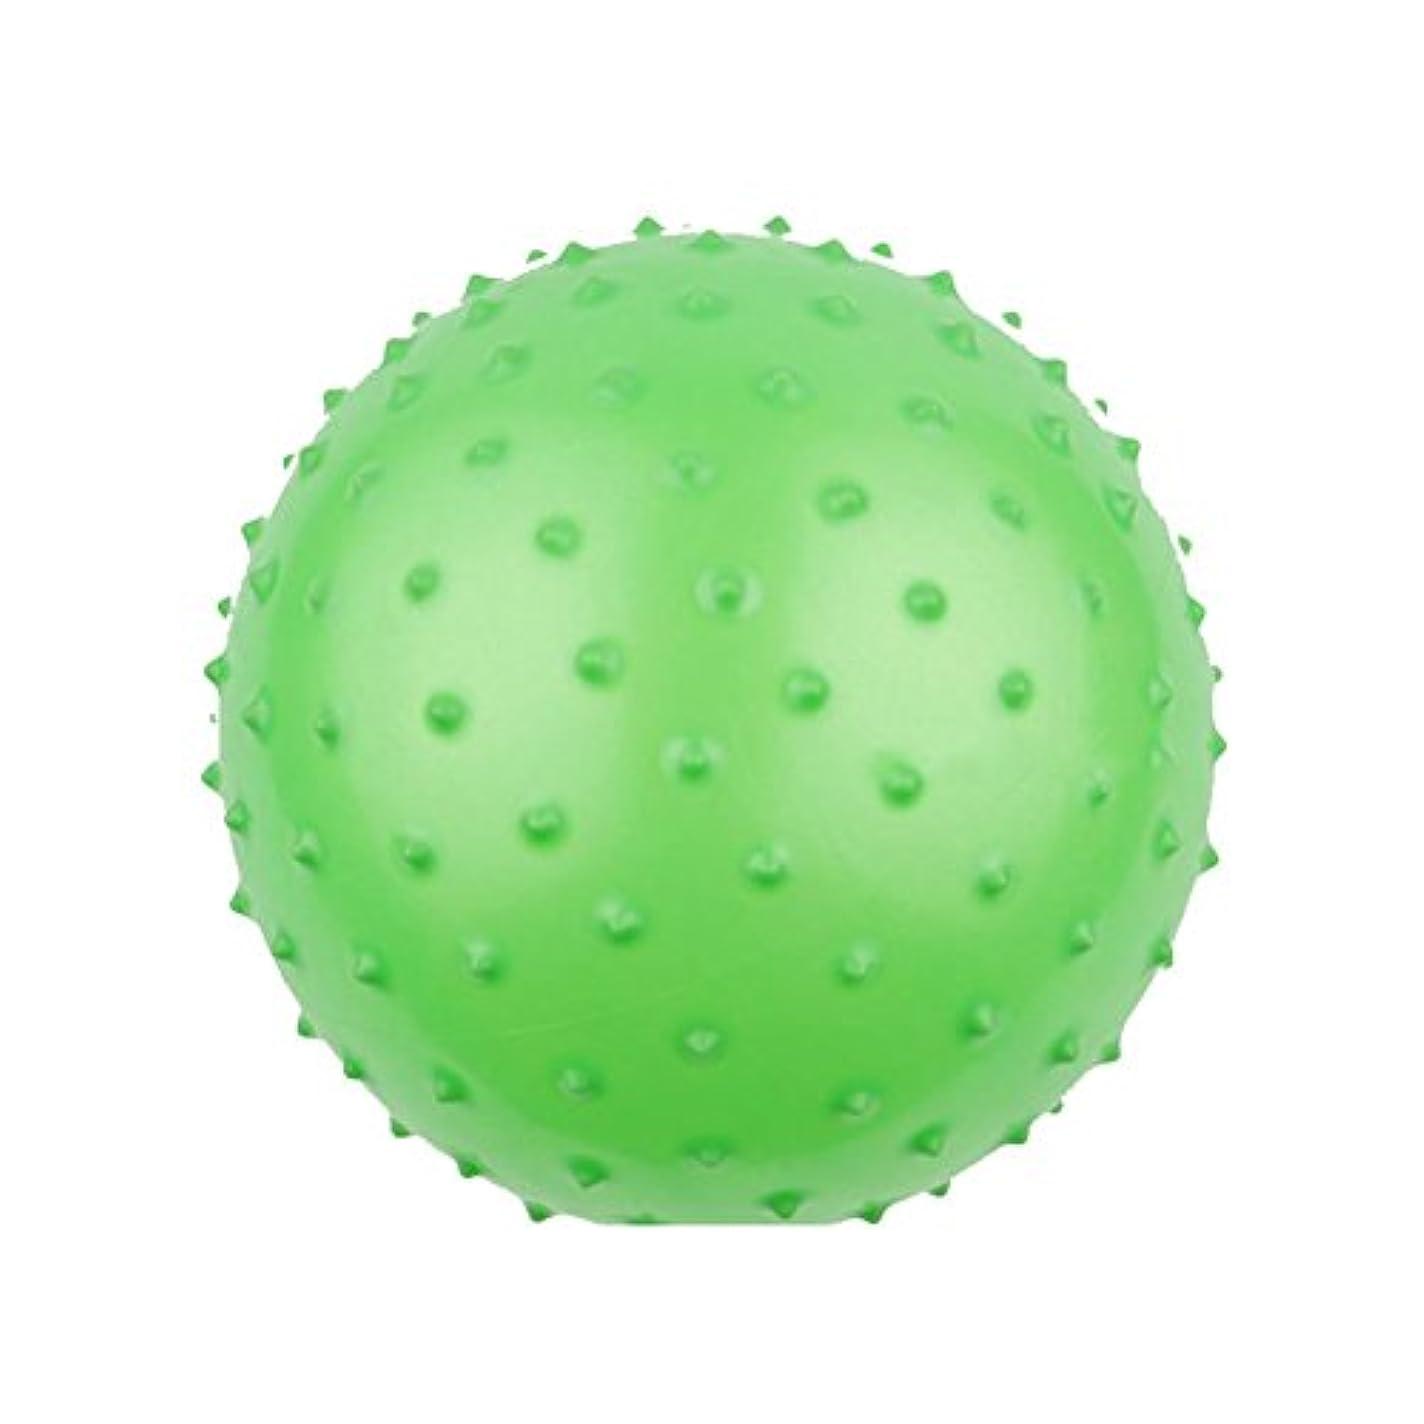 元気モンスター見えるLiebeye 野球ボール 素敵な野球ボールマッサージボールキッズインフレータブルおもちゃのギフト装飾品(ランダムカラー) 28cmマッサージボール